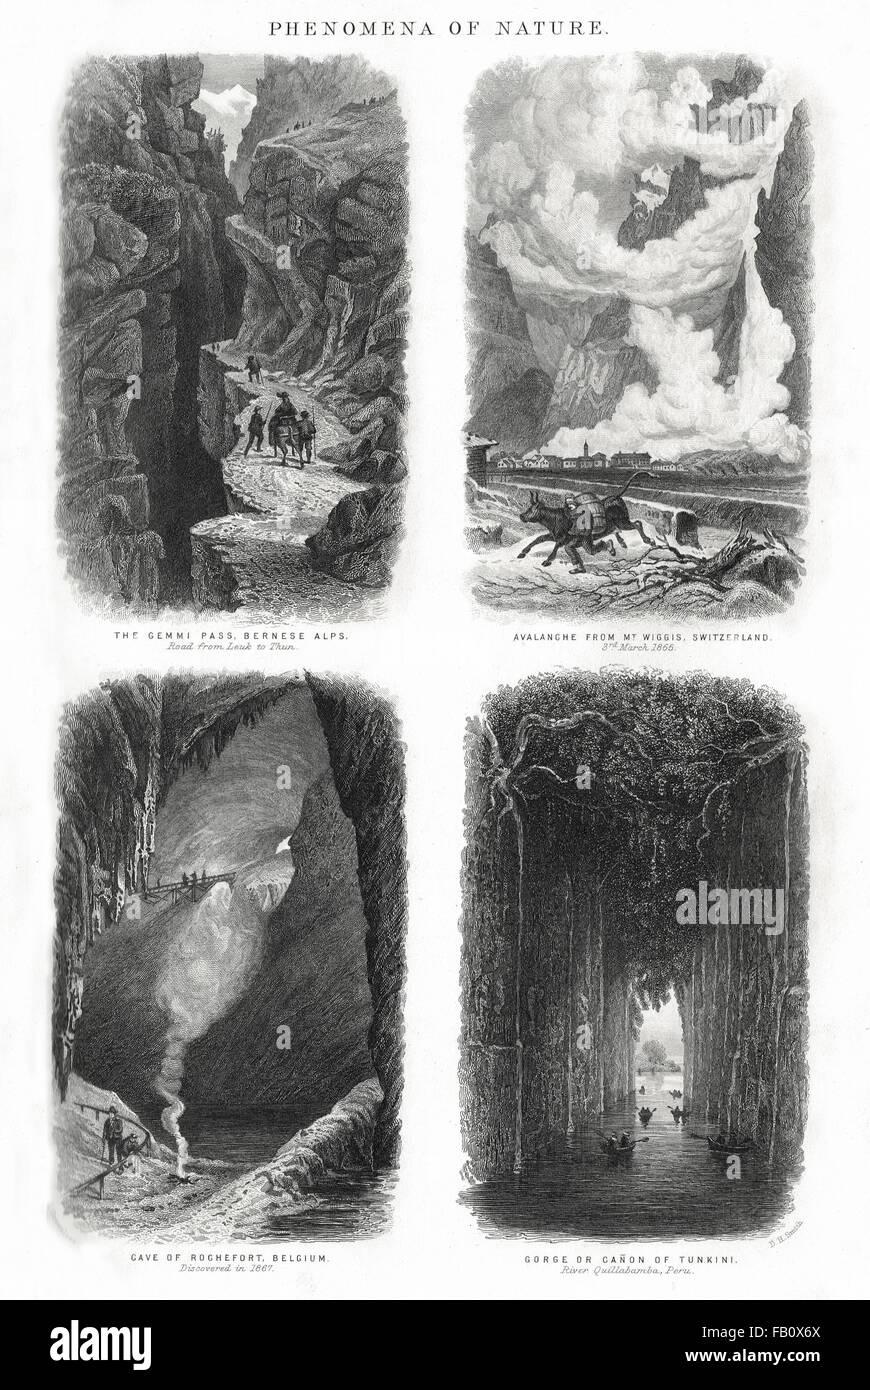 Phenomena of Nature circa 1874 - Stock Image